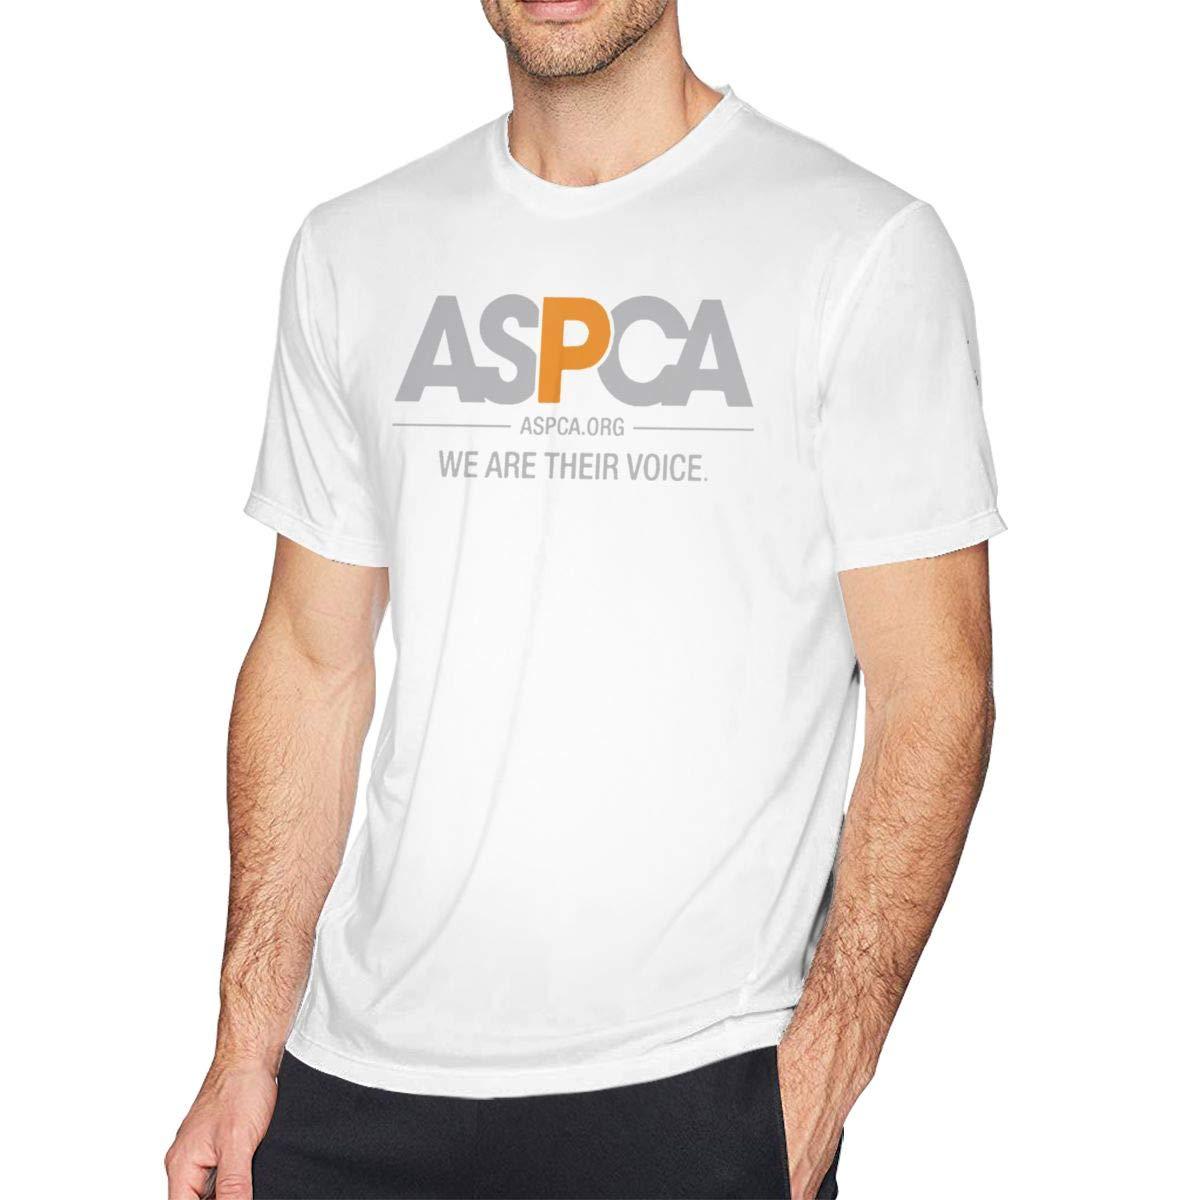 HIPGCC Mens Ultra Soft ASPCA Classic Outline Design Shirt